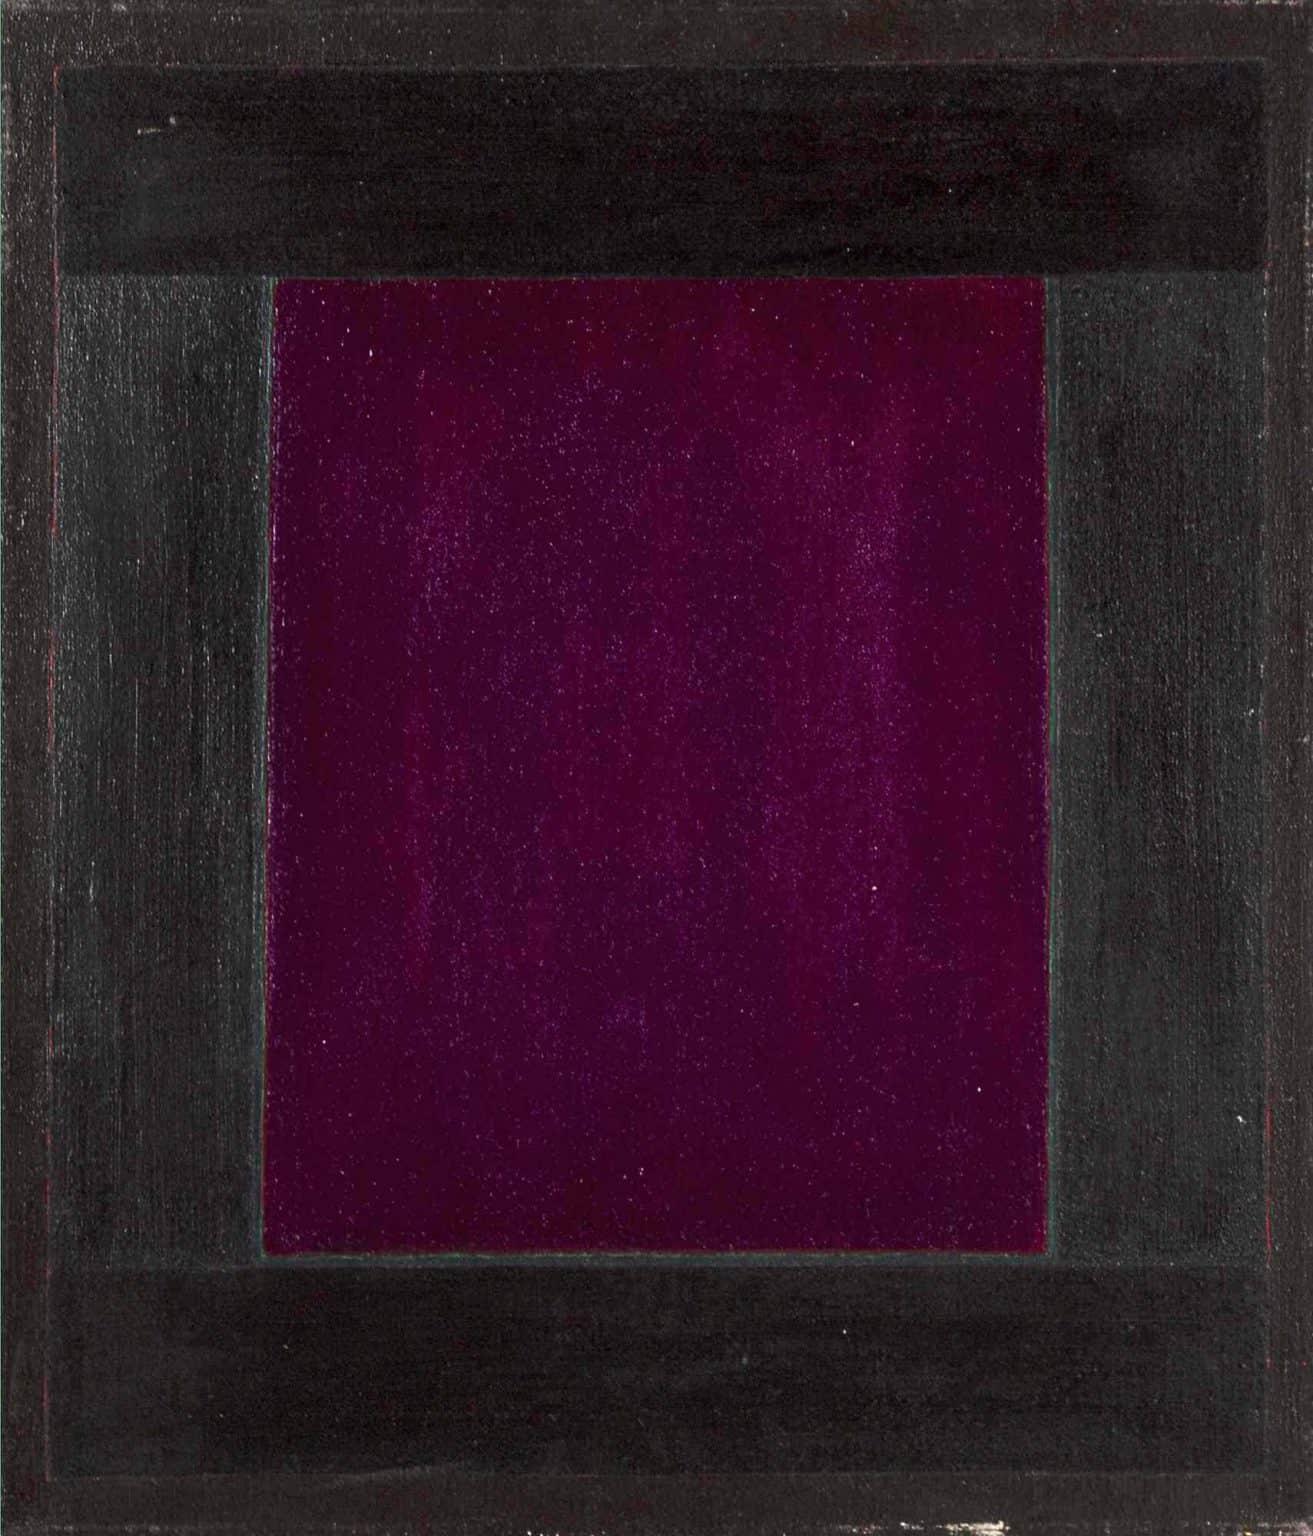 Marlou - 1979 window painting by Harold Joe Waldrum - Ventanas series